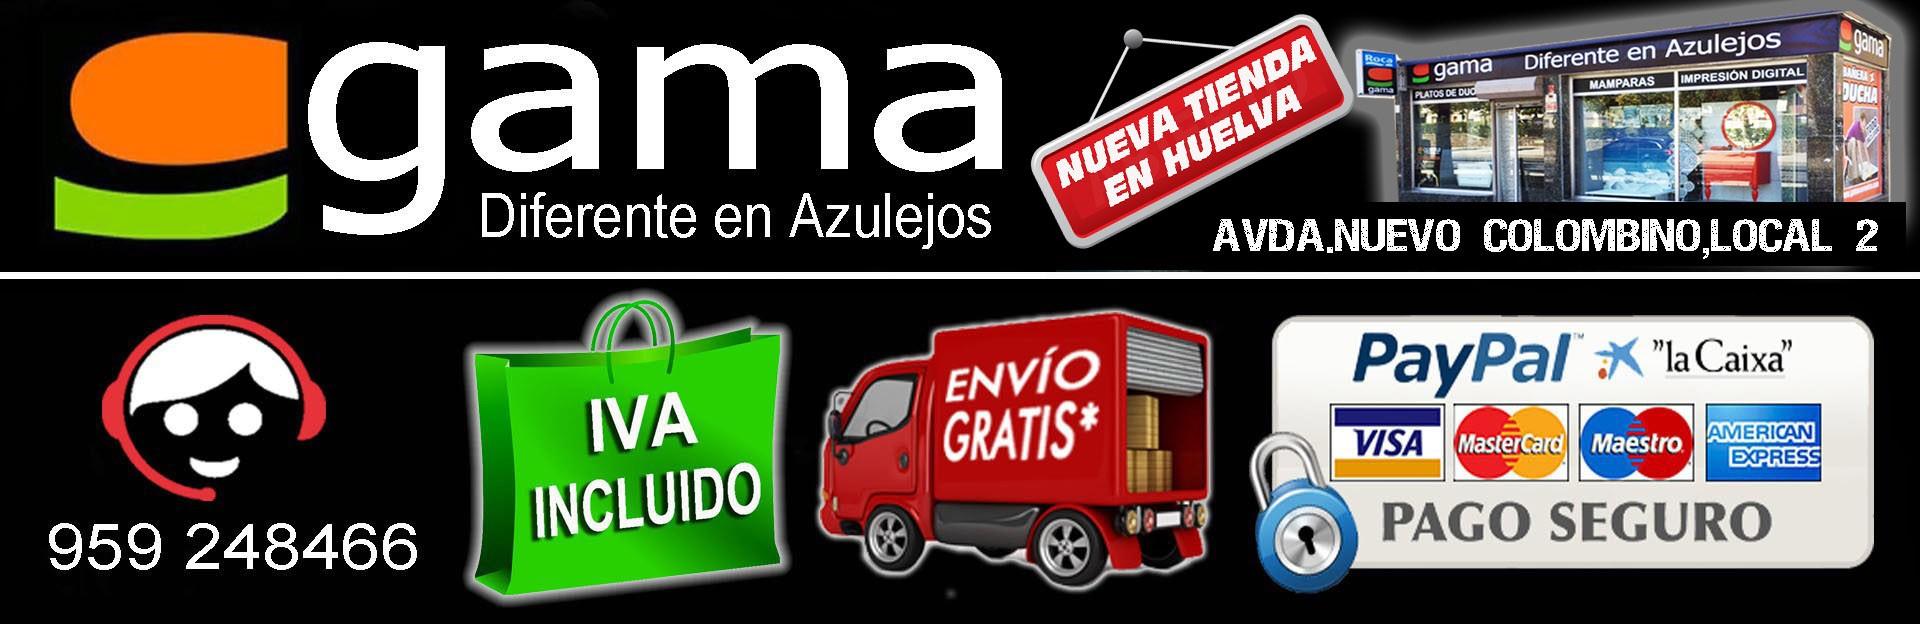 gamaceramica.com